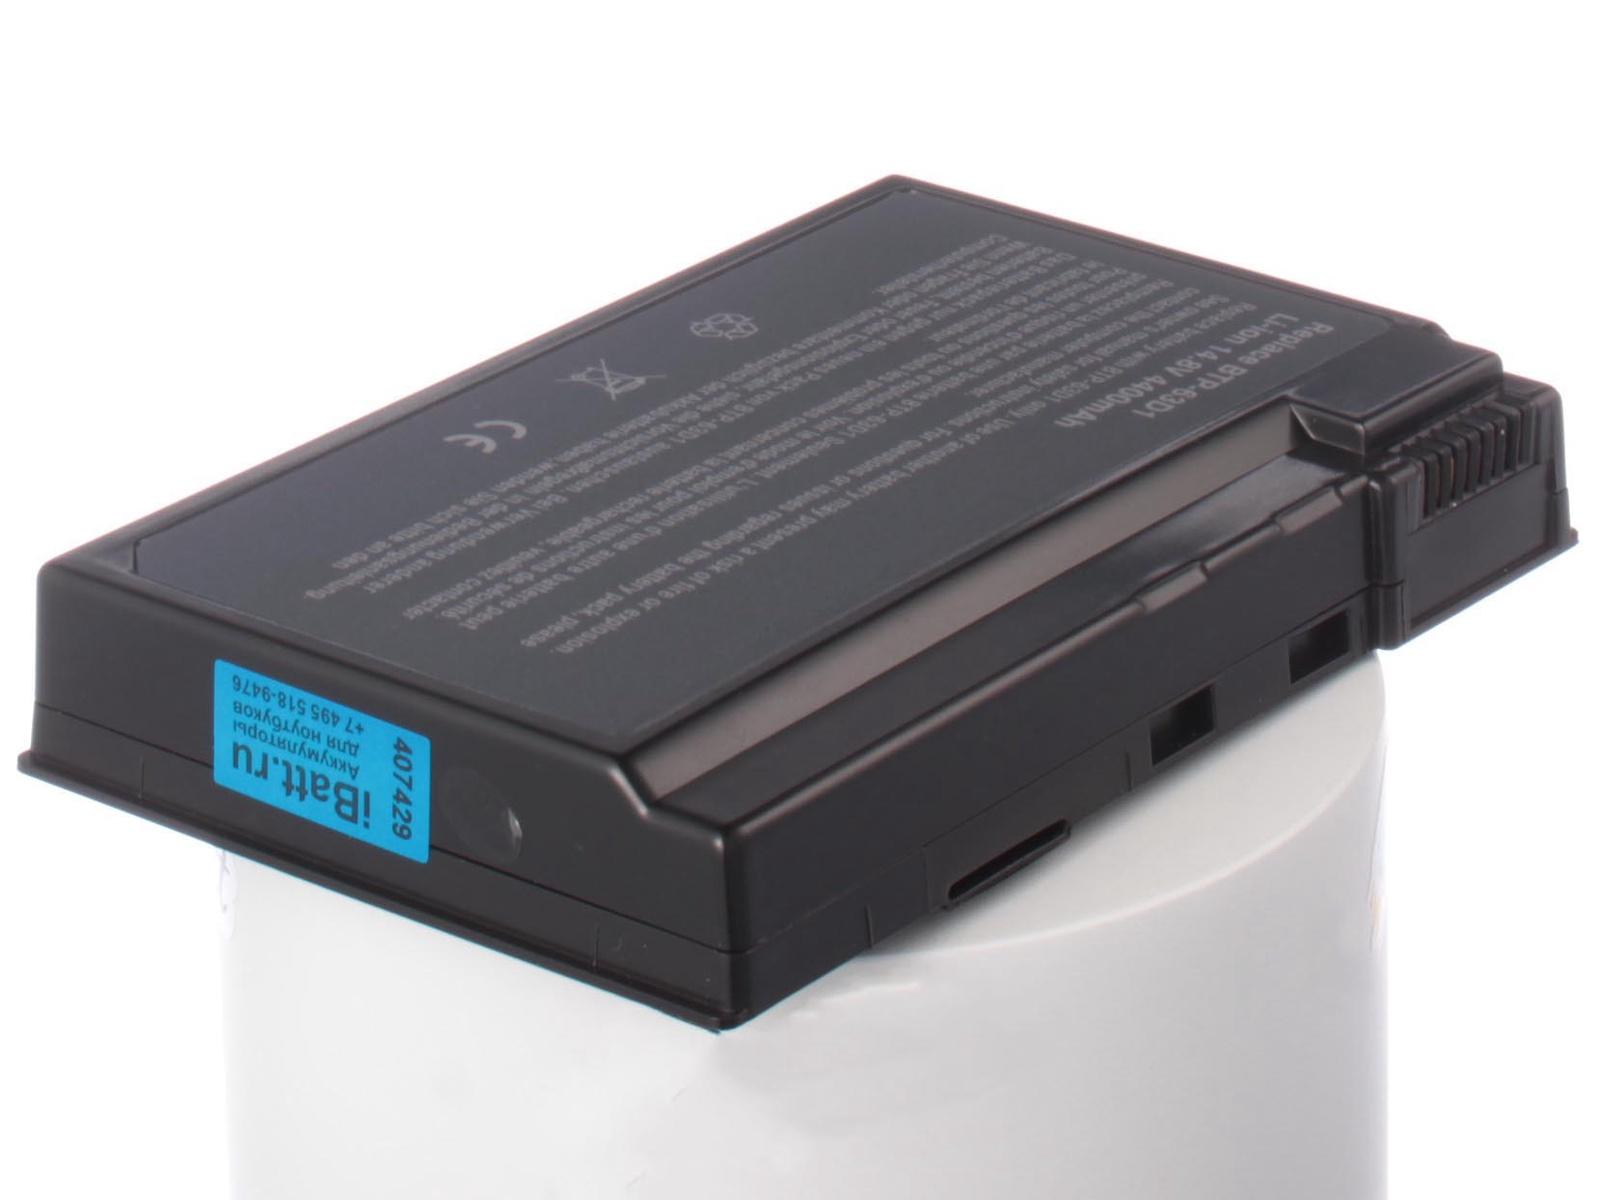 Аккумулятор для ноутбука iBatt для Acer Aspire 3610, TravelMate 2410, Aspire 5020, Aspire 3613LC, Aspire 5042, TravelMate 2413WLC, Aspire 5022WLMi, Aspire 3020, Aspire 5024WLMi, Aspire 3613, Aspire 5025, Aspire 5022 аккумулятор topon top ac58 14 8v 4400mah для acer aspire 1520 3010l extensa 2001lm travelmate 2500 аналог pn btp01 003 btp 84a1 btp 58a1